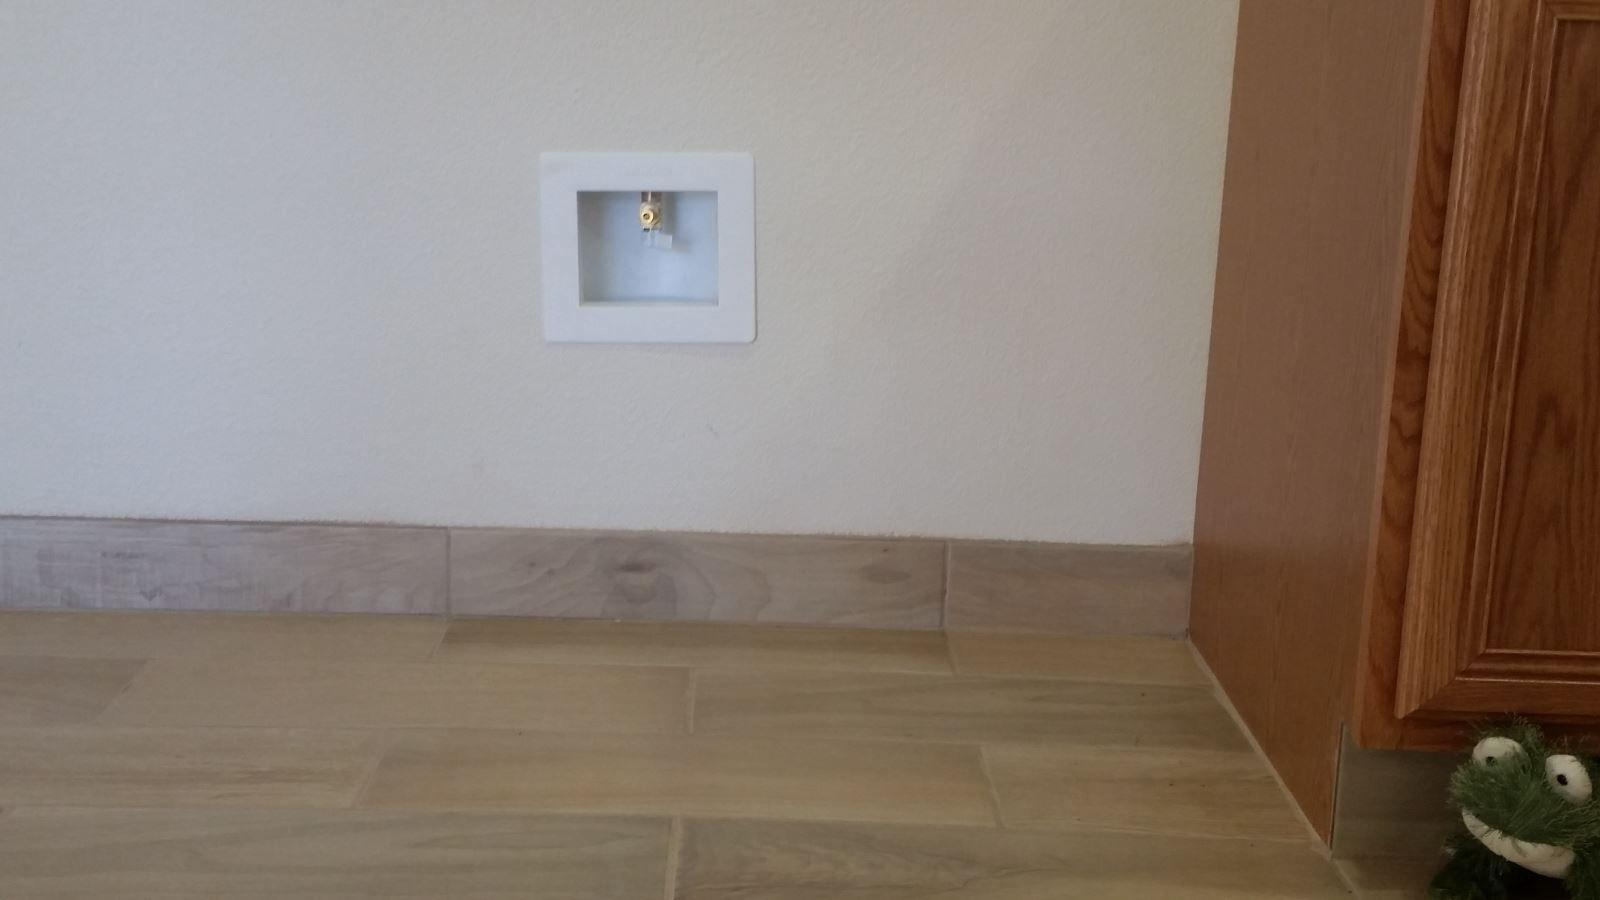 Bathroom Floor Baseboard Bathroom Design 2017 2018 Pinterest